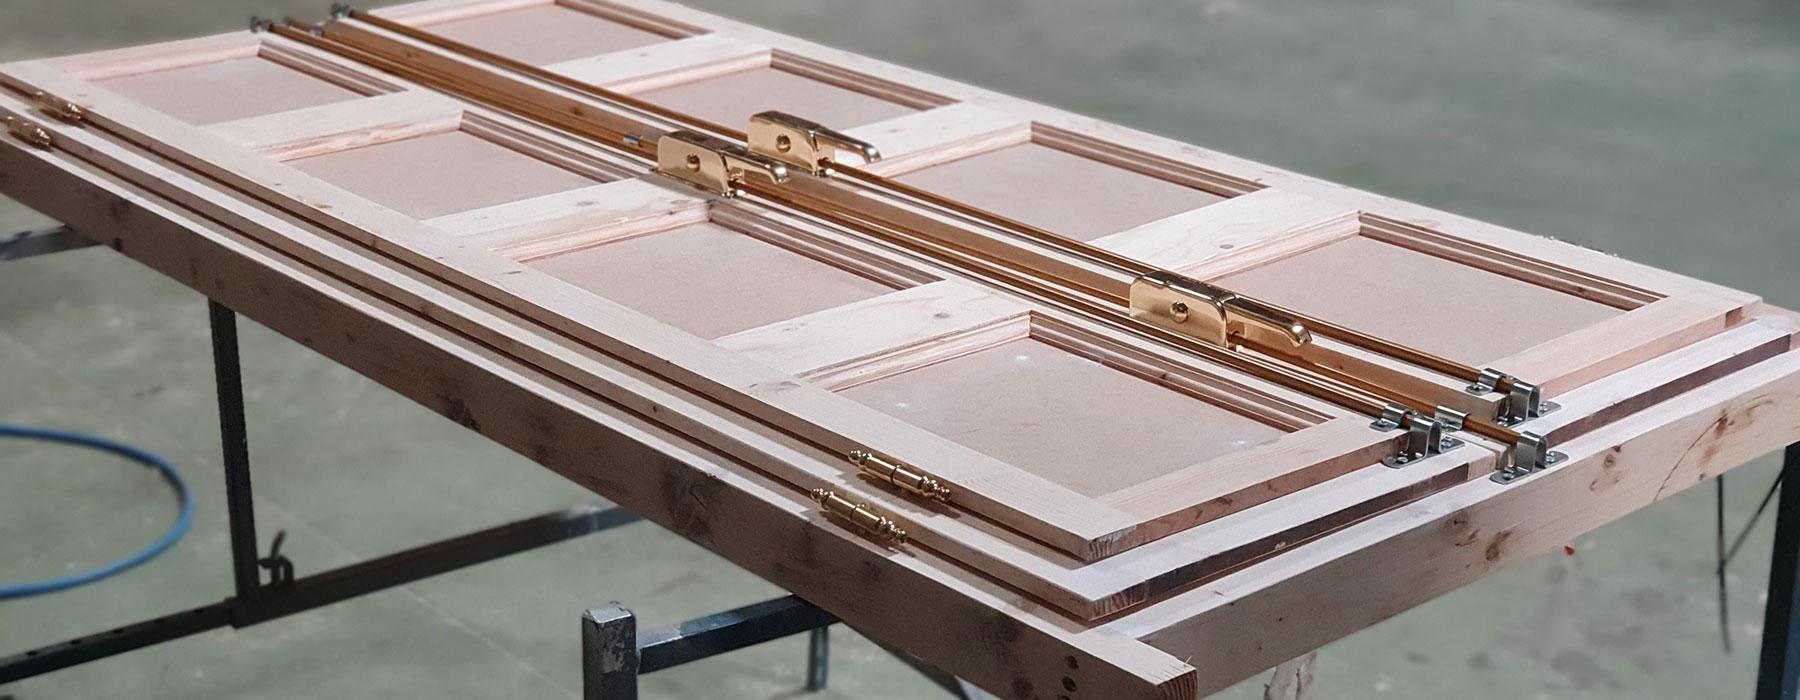 Projekta Fabricacion de ventanas de madera